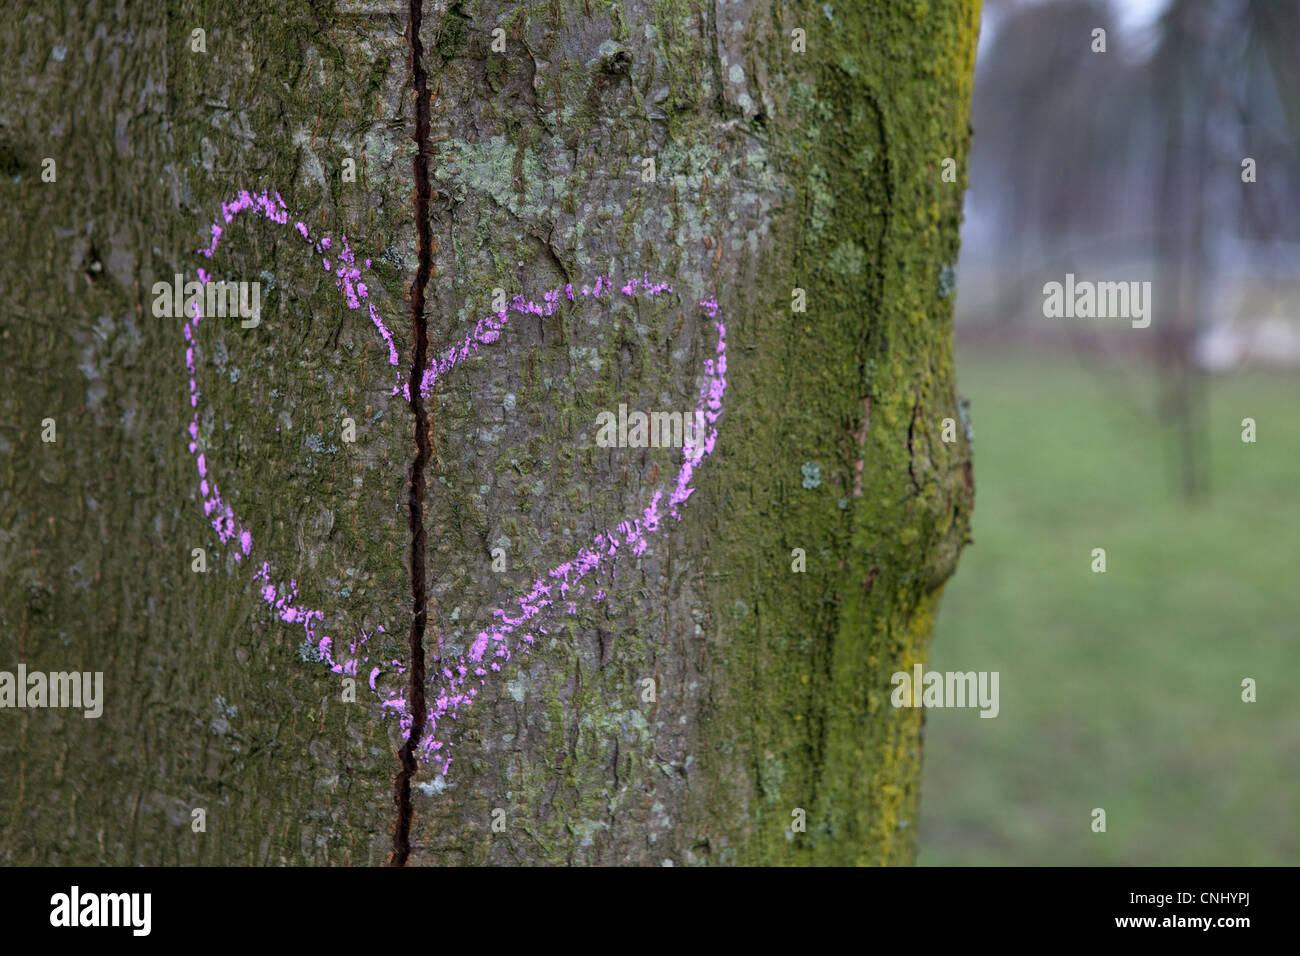 Cœur brisé tirés sur un tronc d'arbre Photo Stock